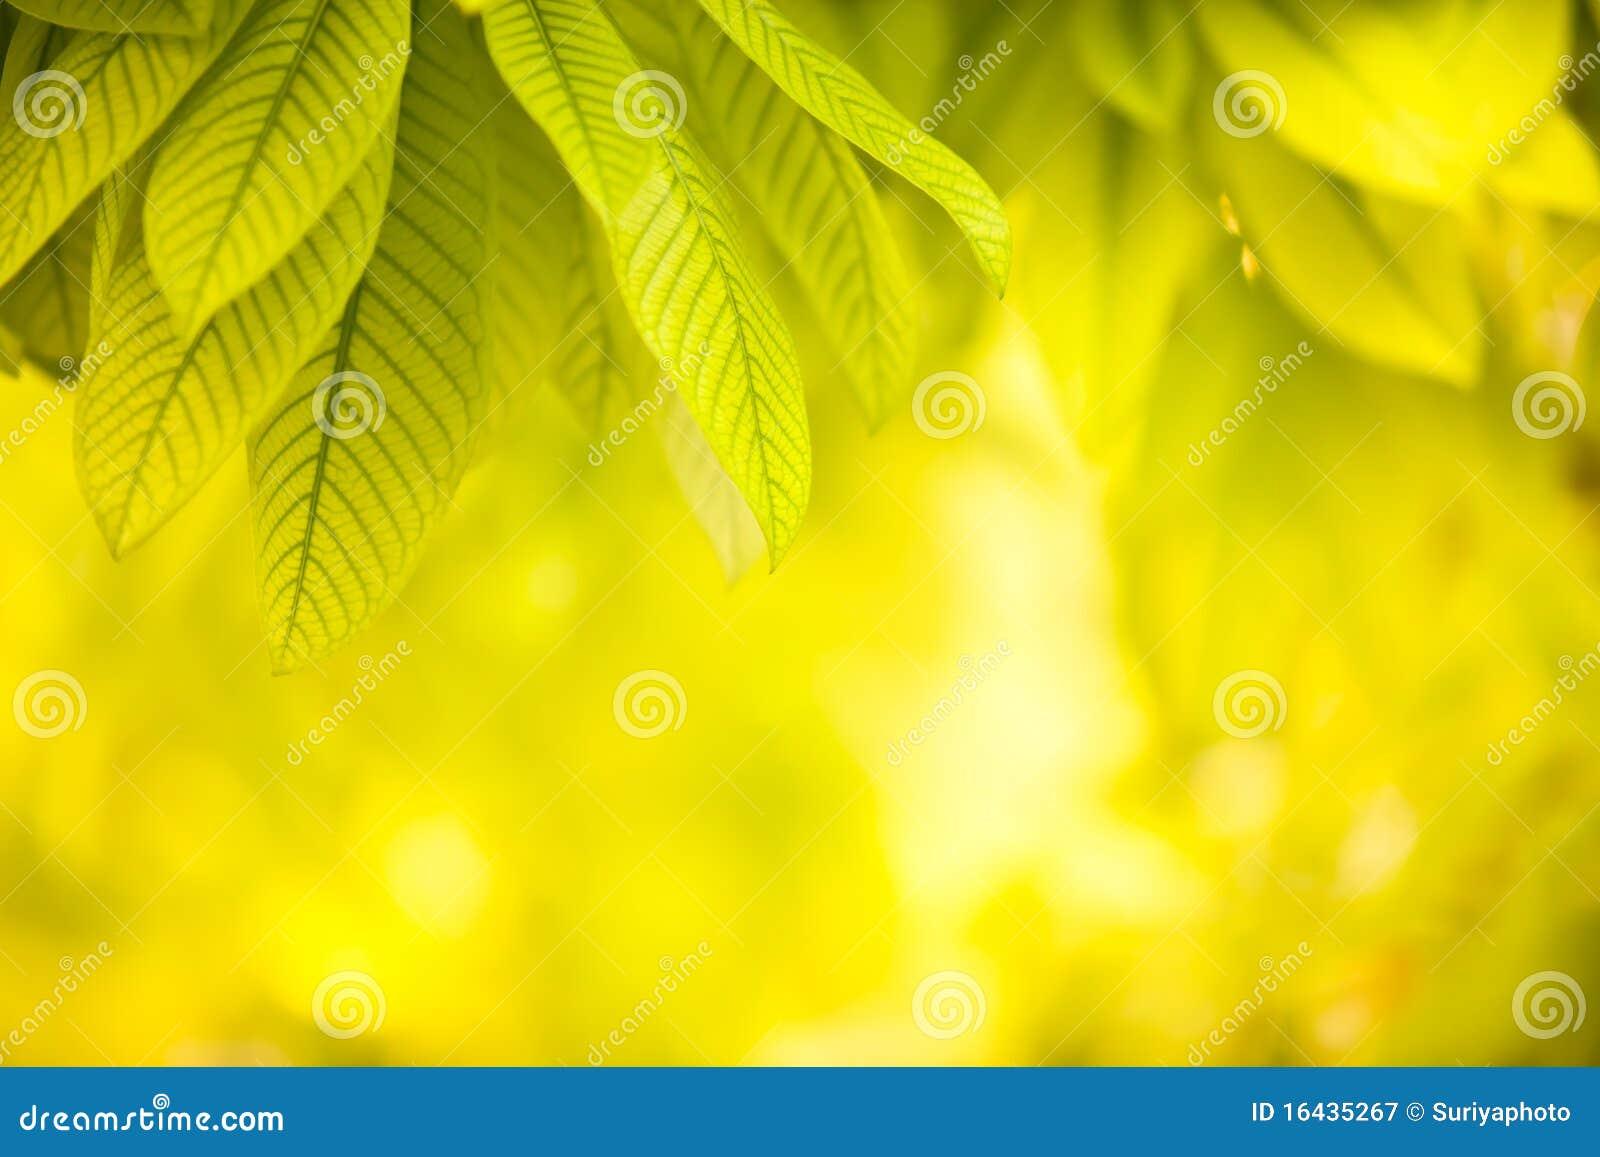 Hojas del verde en fondo amarillo